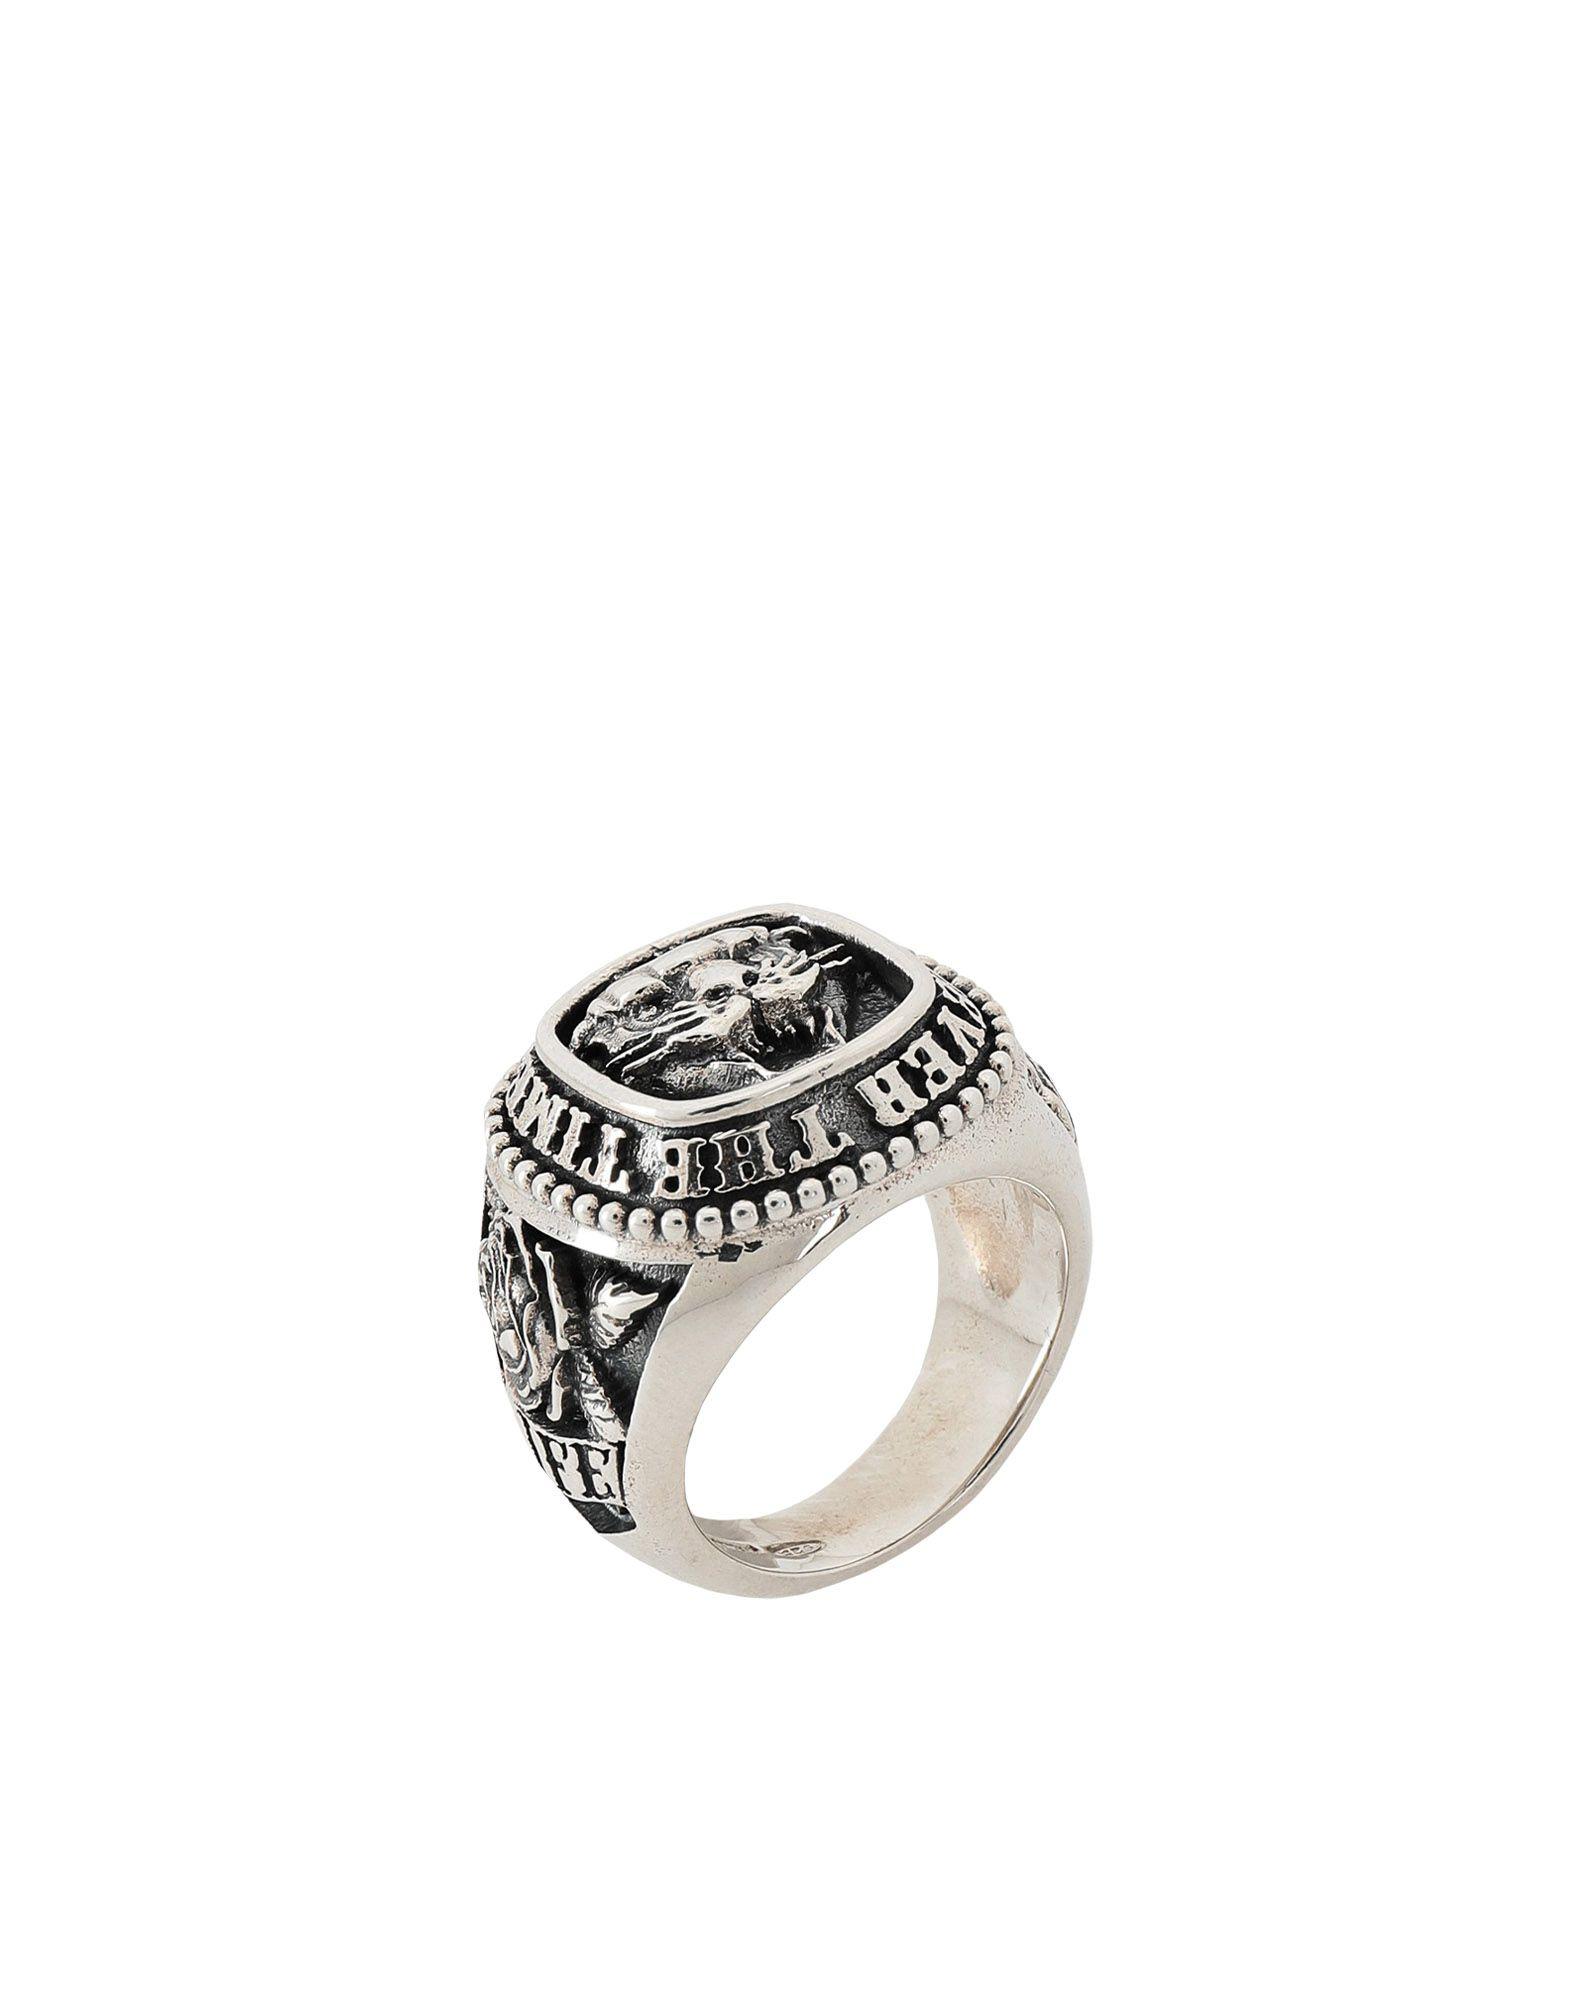 《期間限定 セール開催中》NOVE25 メンズ 指輪 シルバー 12 シルバー925/1000 TRADITIONAL PANTHER RING